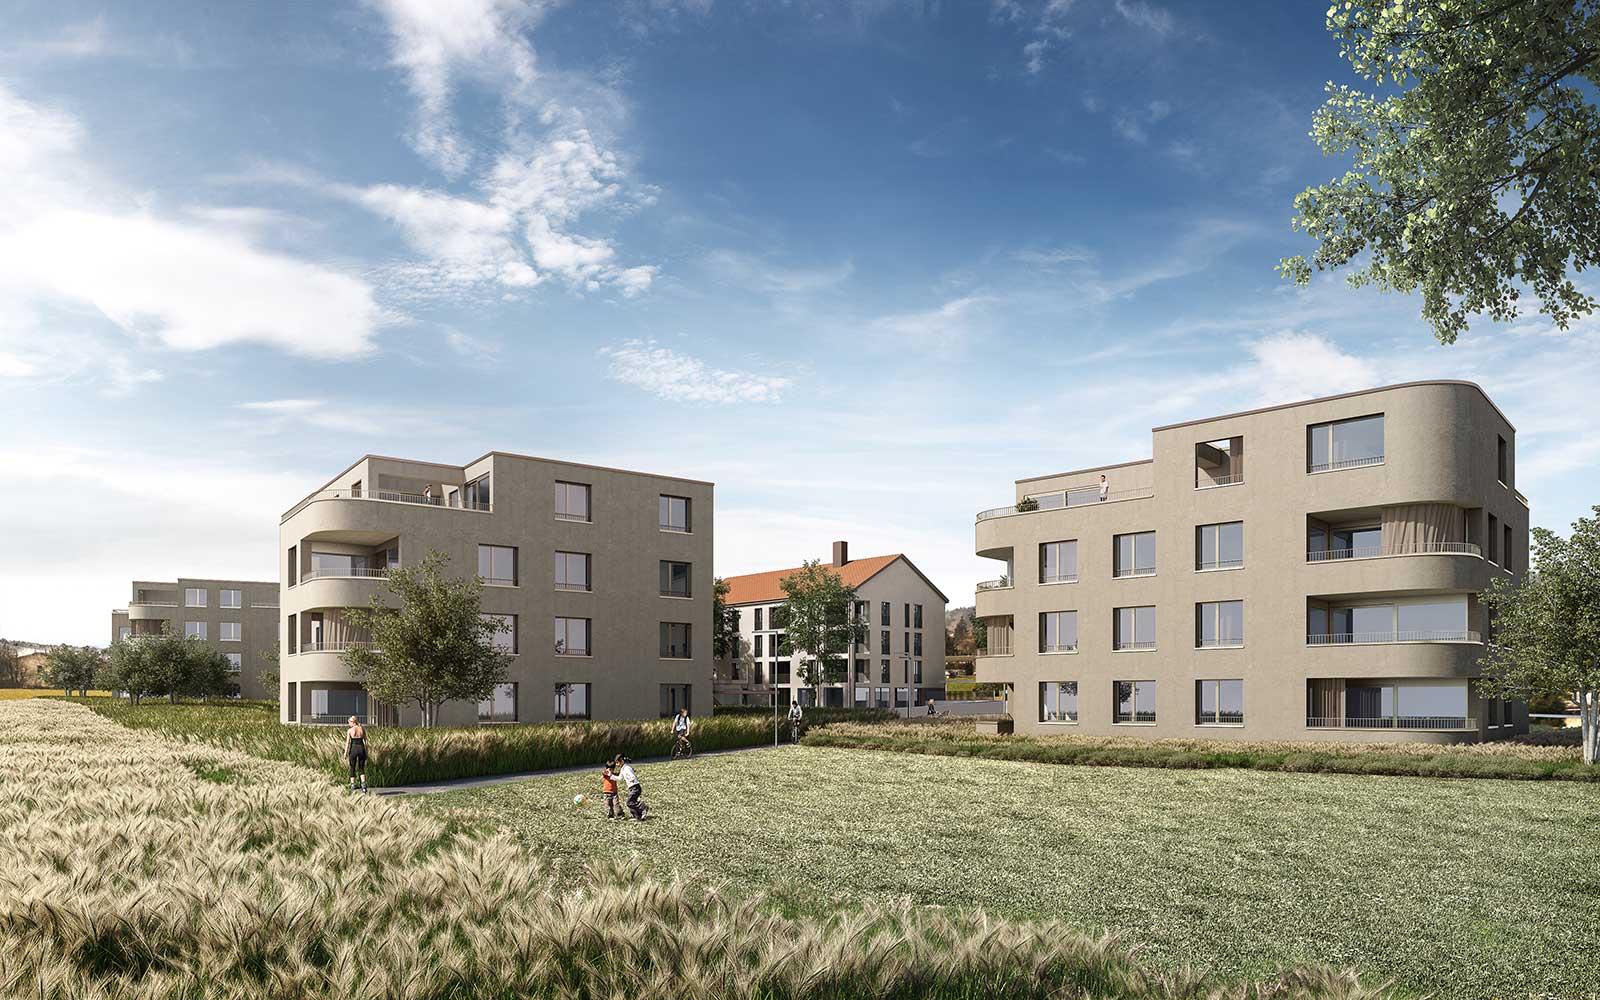 Visualisierung von Osten Neubau Wohnüberbauung Dorfzentrum Orpund Gottstatt